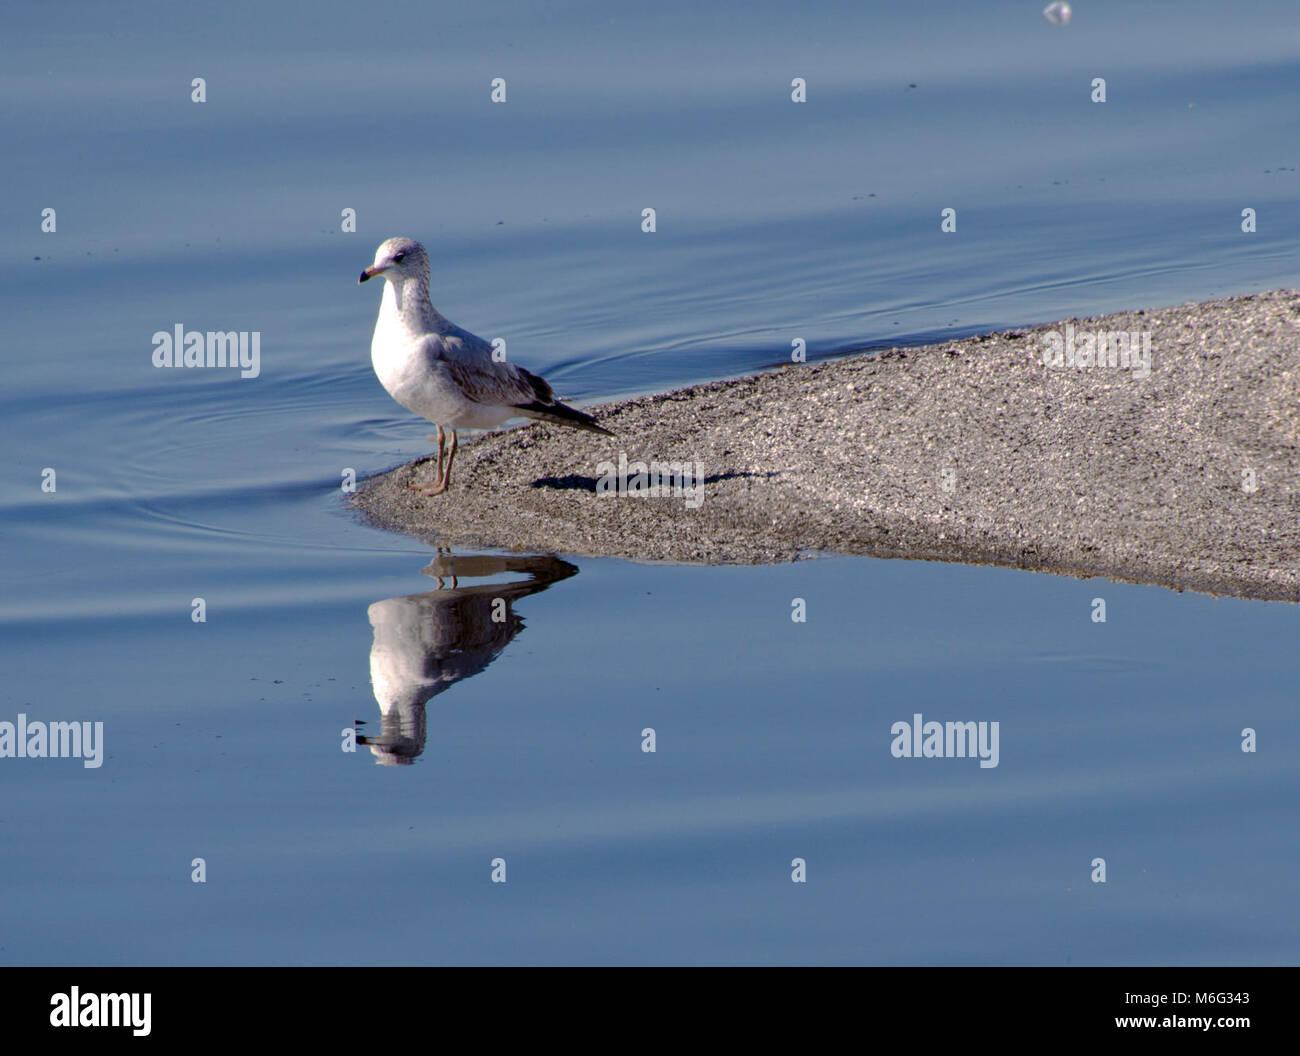 Gull at Barker Dam. Stock Photo